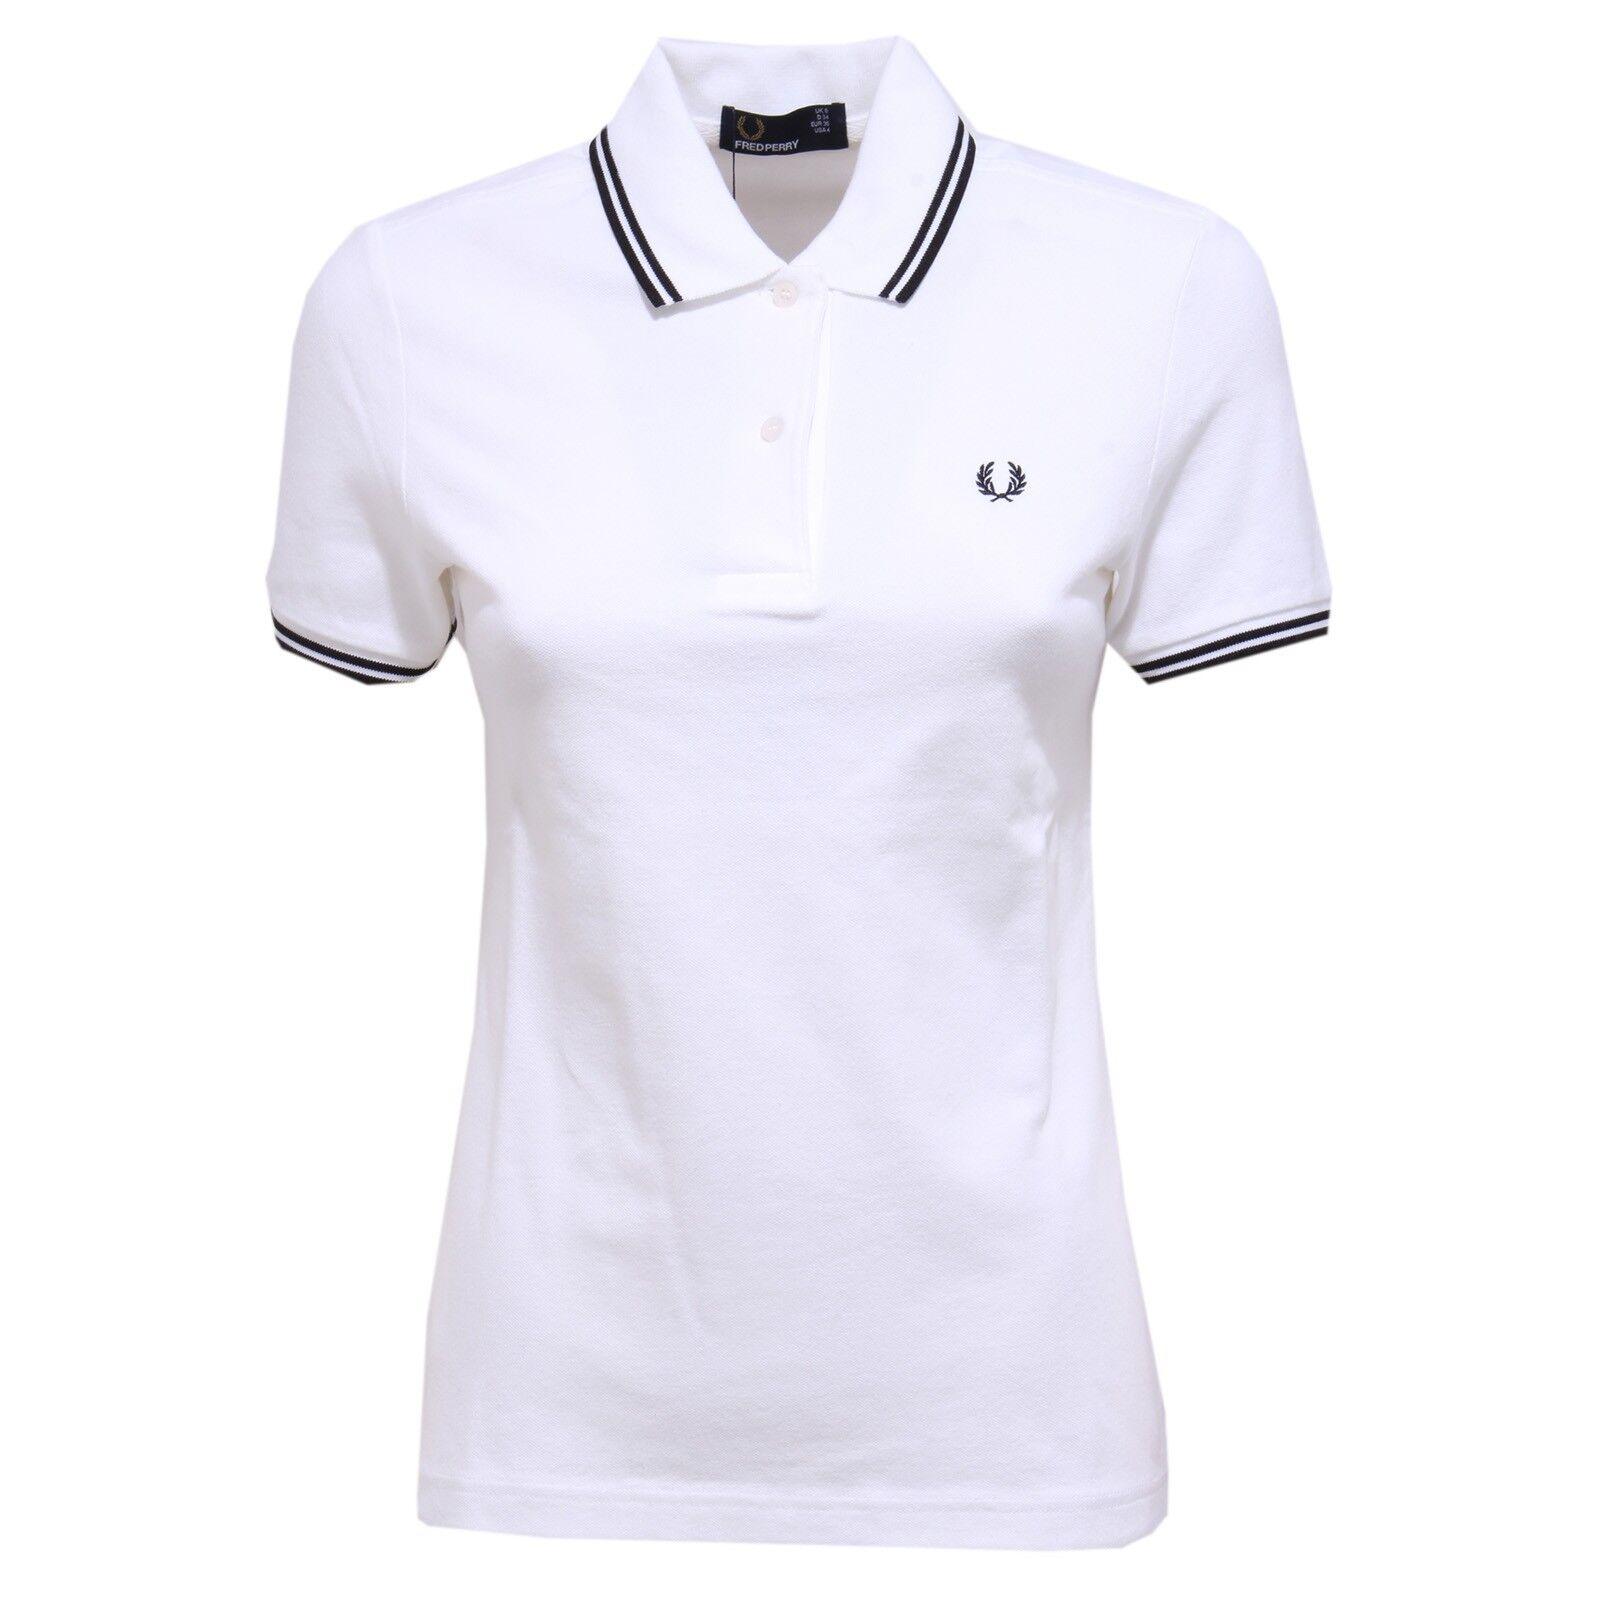 Polo Frojo  Perry mujer 0329Y blancoo Negro De Mujer Entallado Polo Camiseta  se descuenta